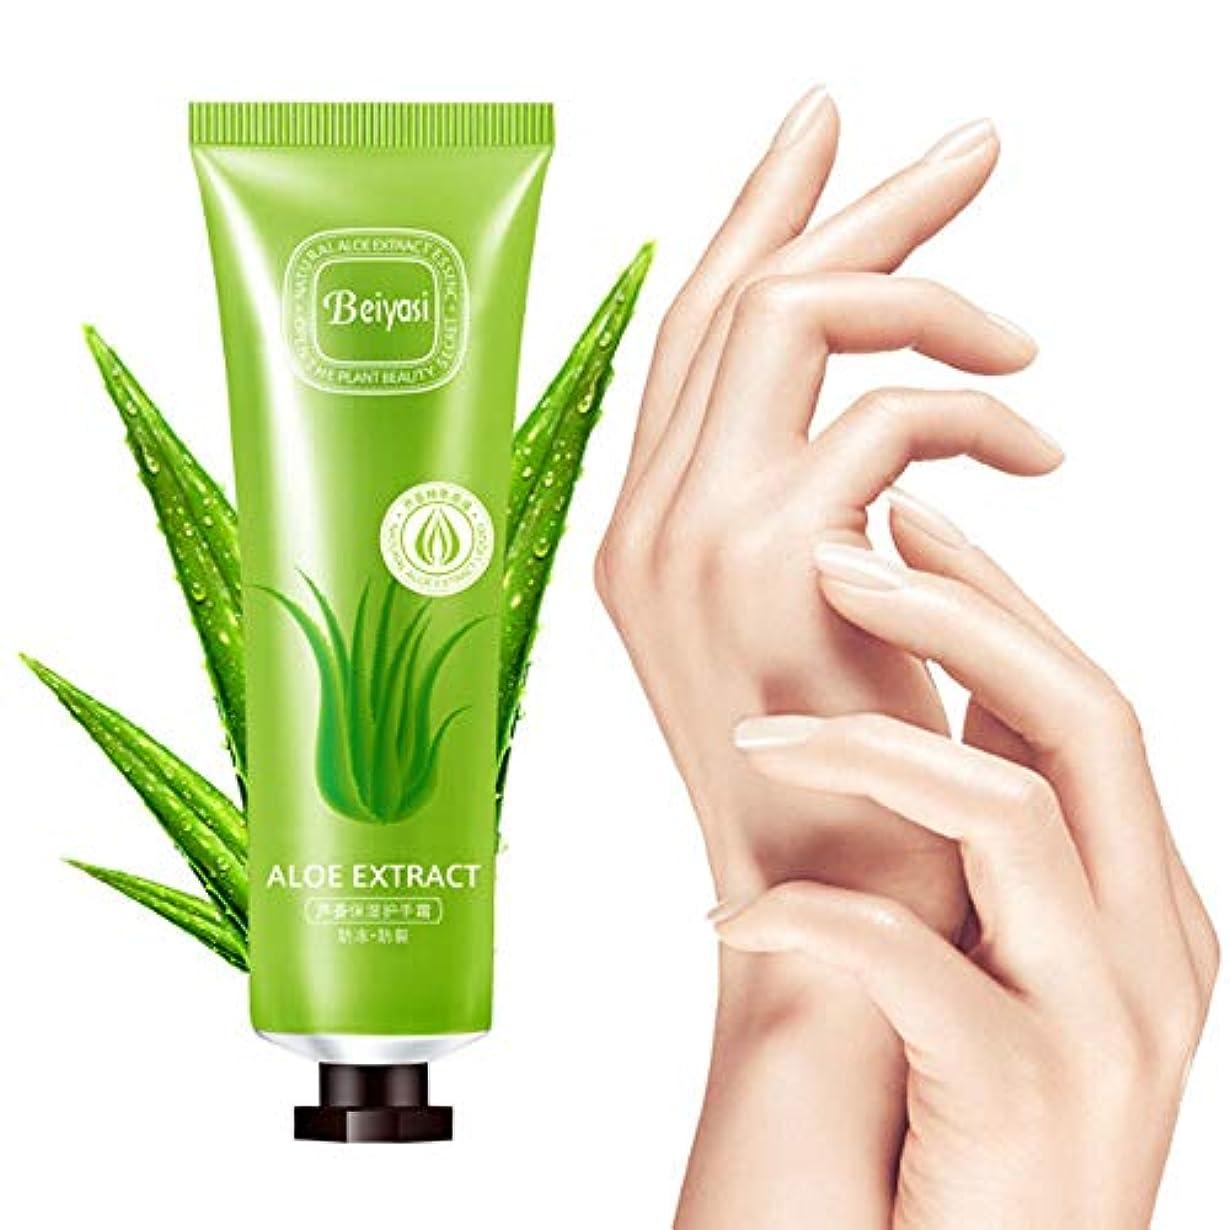 パトワサーバント拒否ハンドクリーム Akane BEIYASI アロエ 潤う 香り 手荒れを防ぐ 保湿 水分 無添加 天然 乾燥肌用 自然 肌荒れ予防 Hand Cream 30g